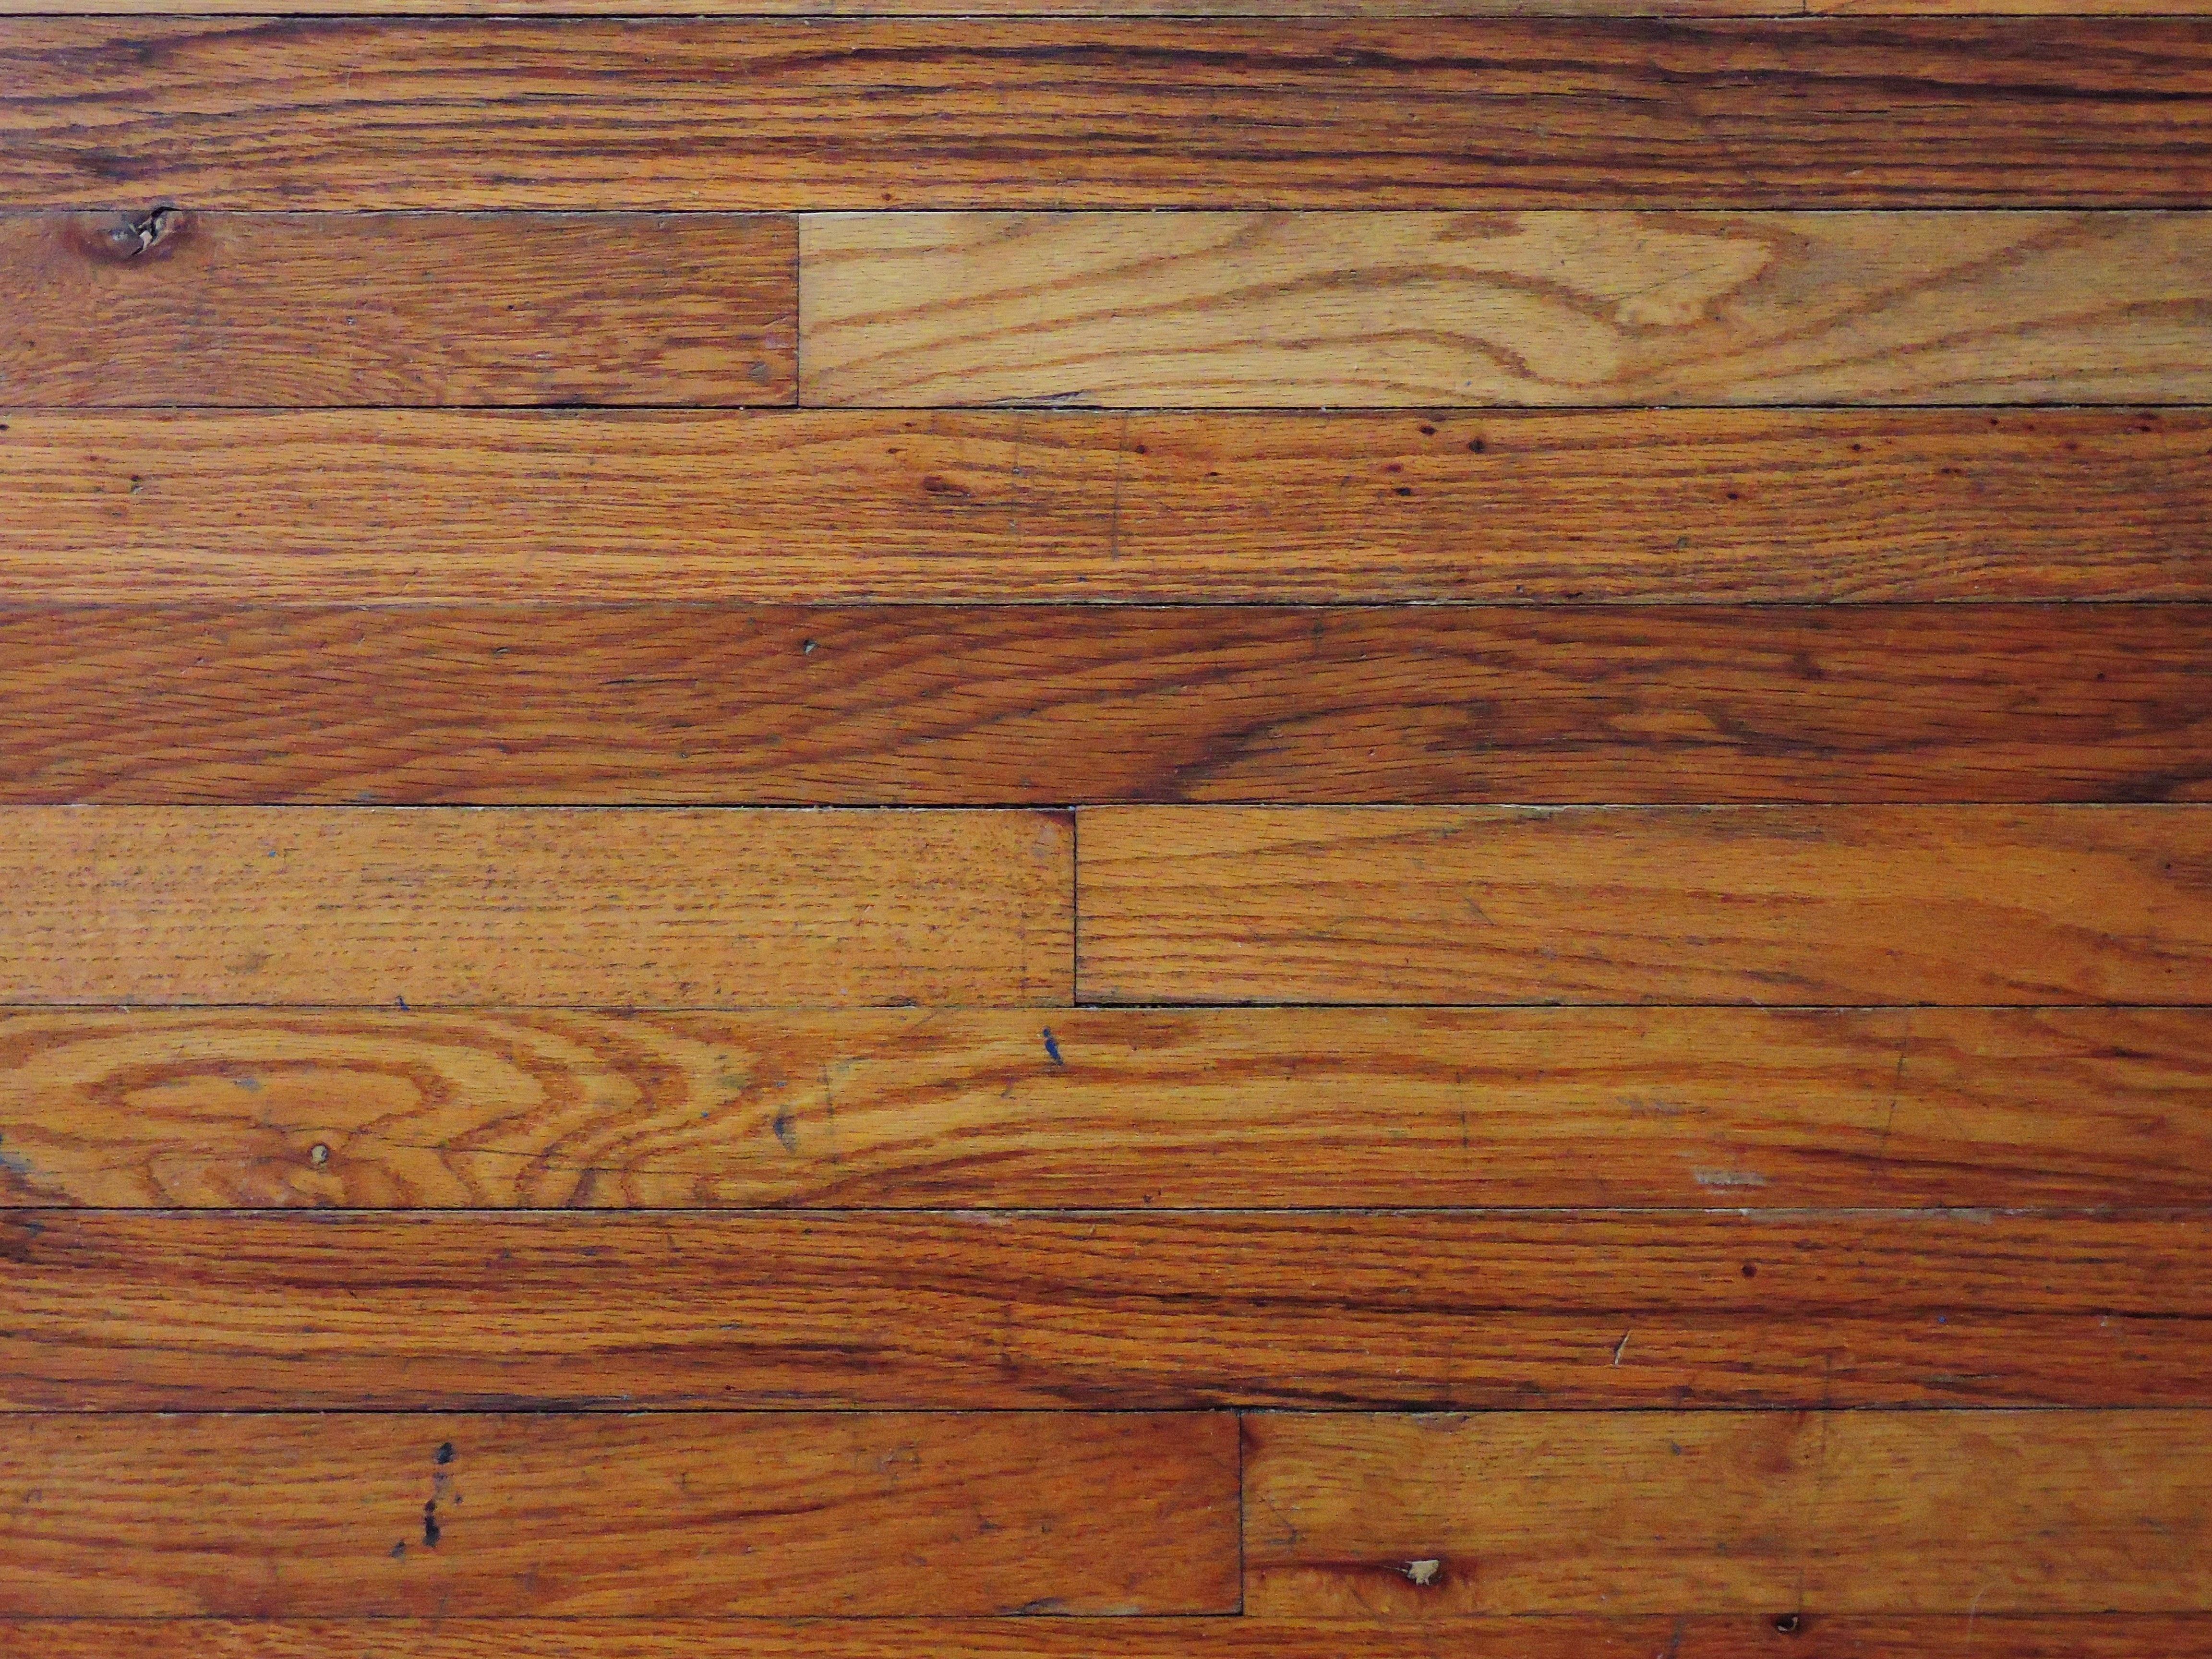 Fotos gratis antiguo textura tabl n piso patr n - Suelos de madera ...